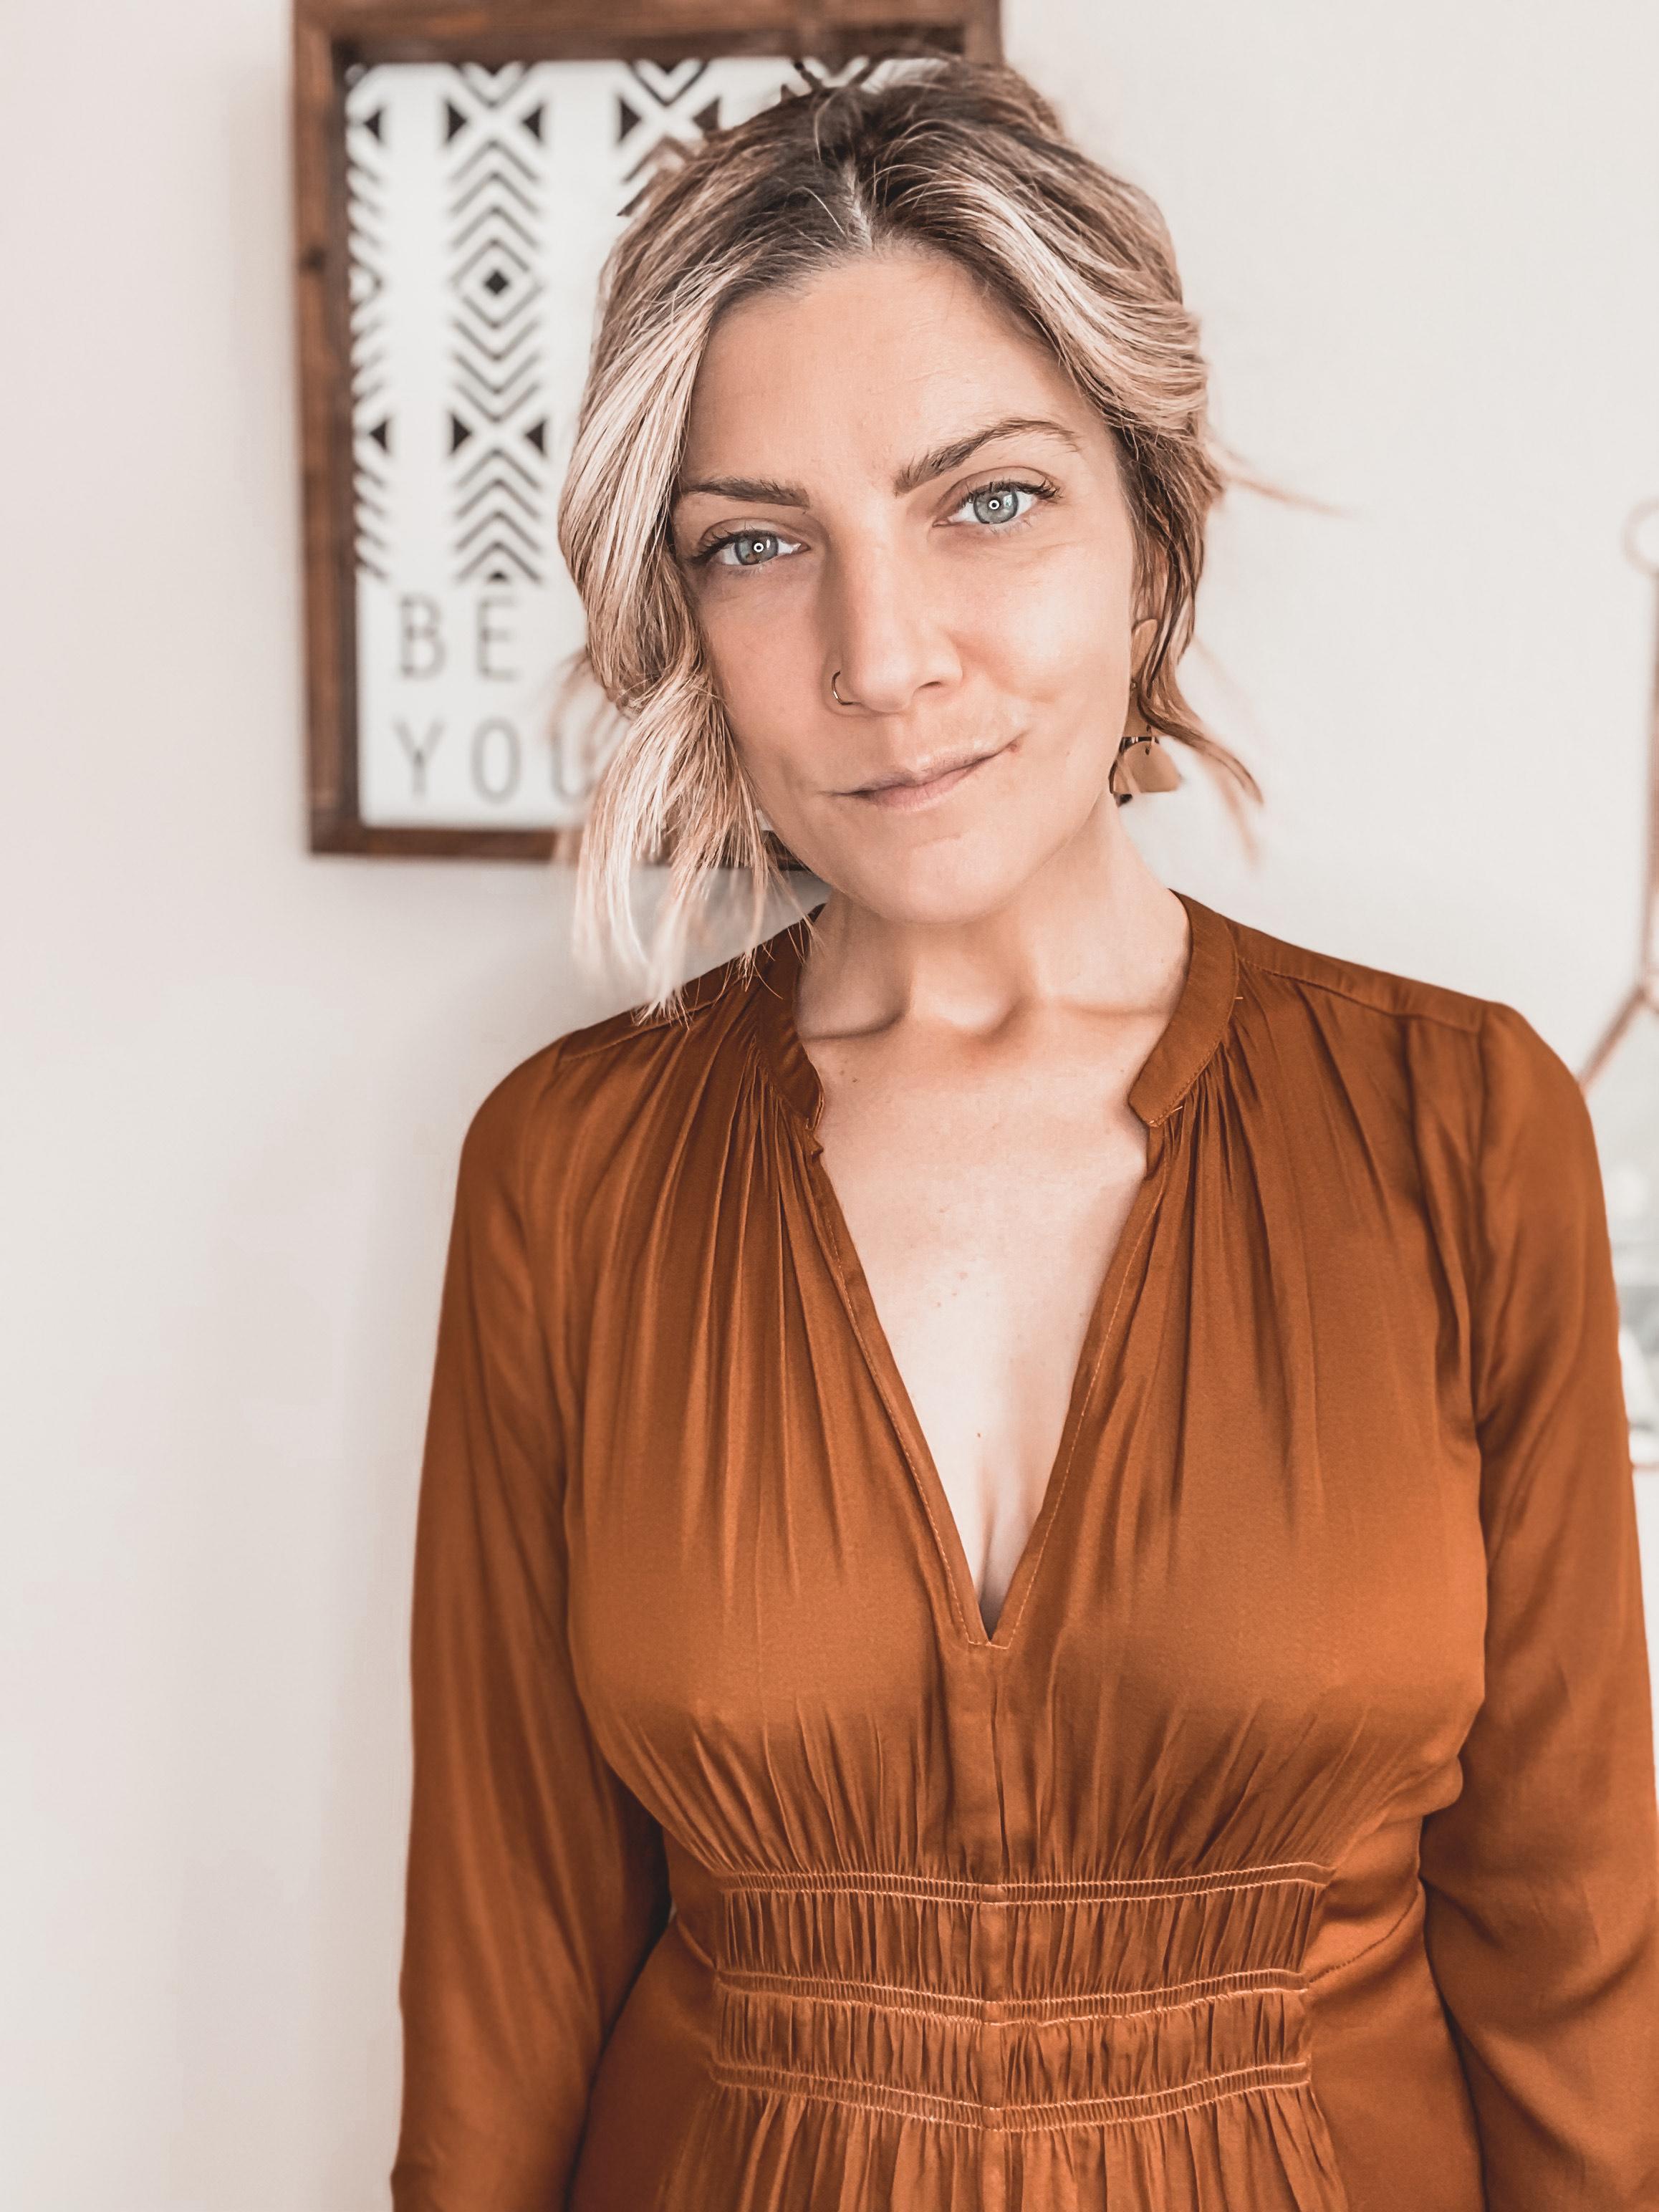 Natalie Brite